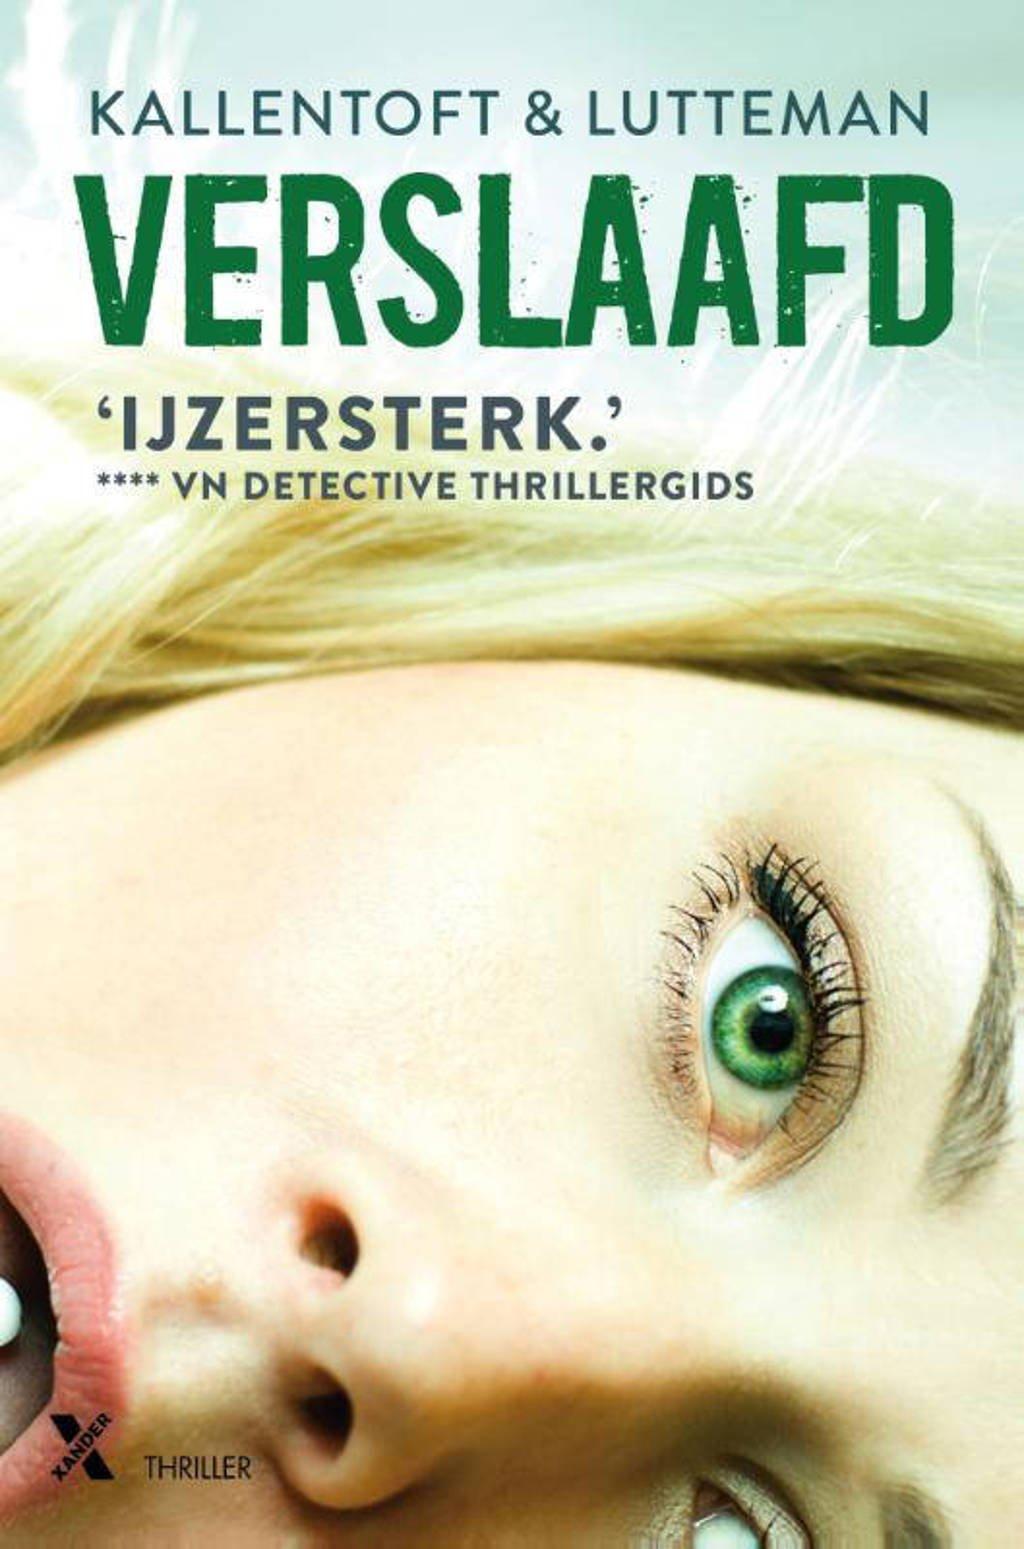 Verslaafd - Mons Kallentoft en Markus Lutteman